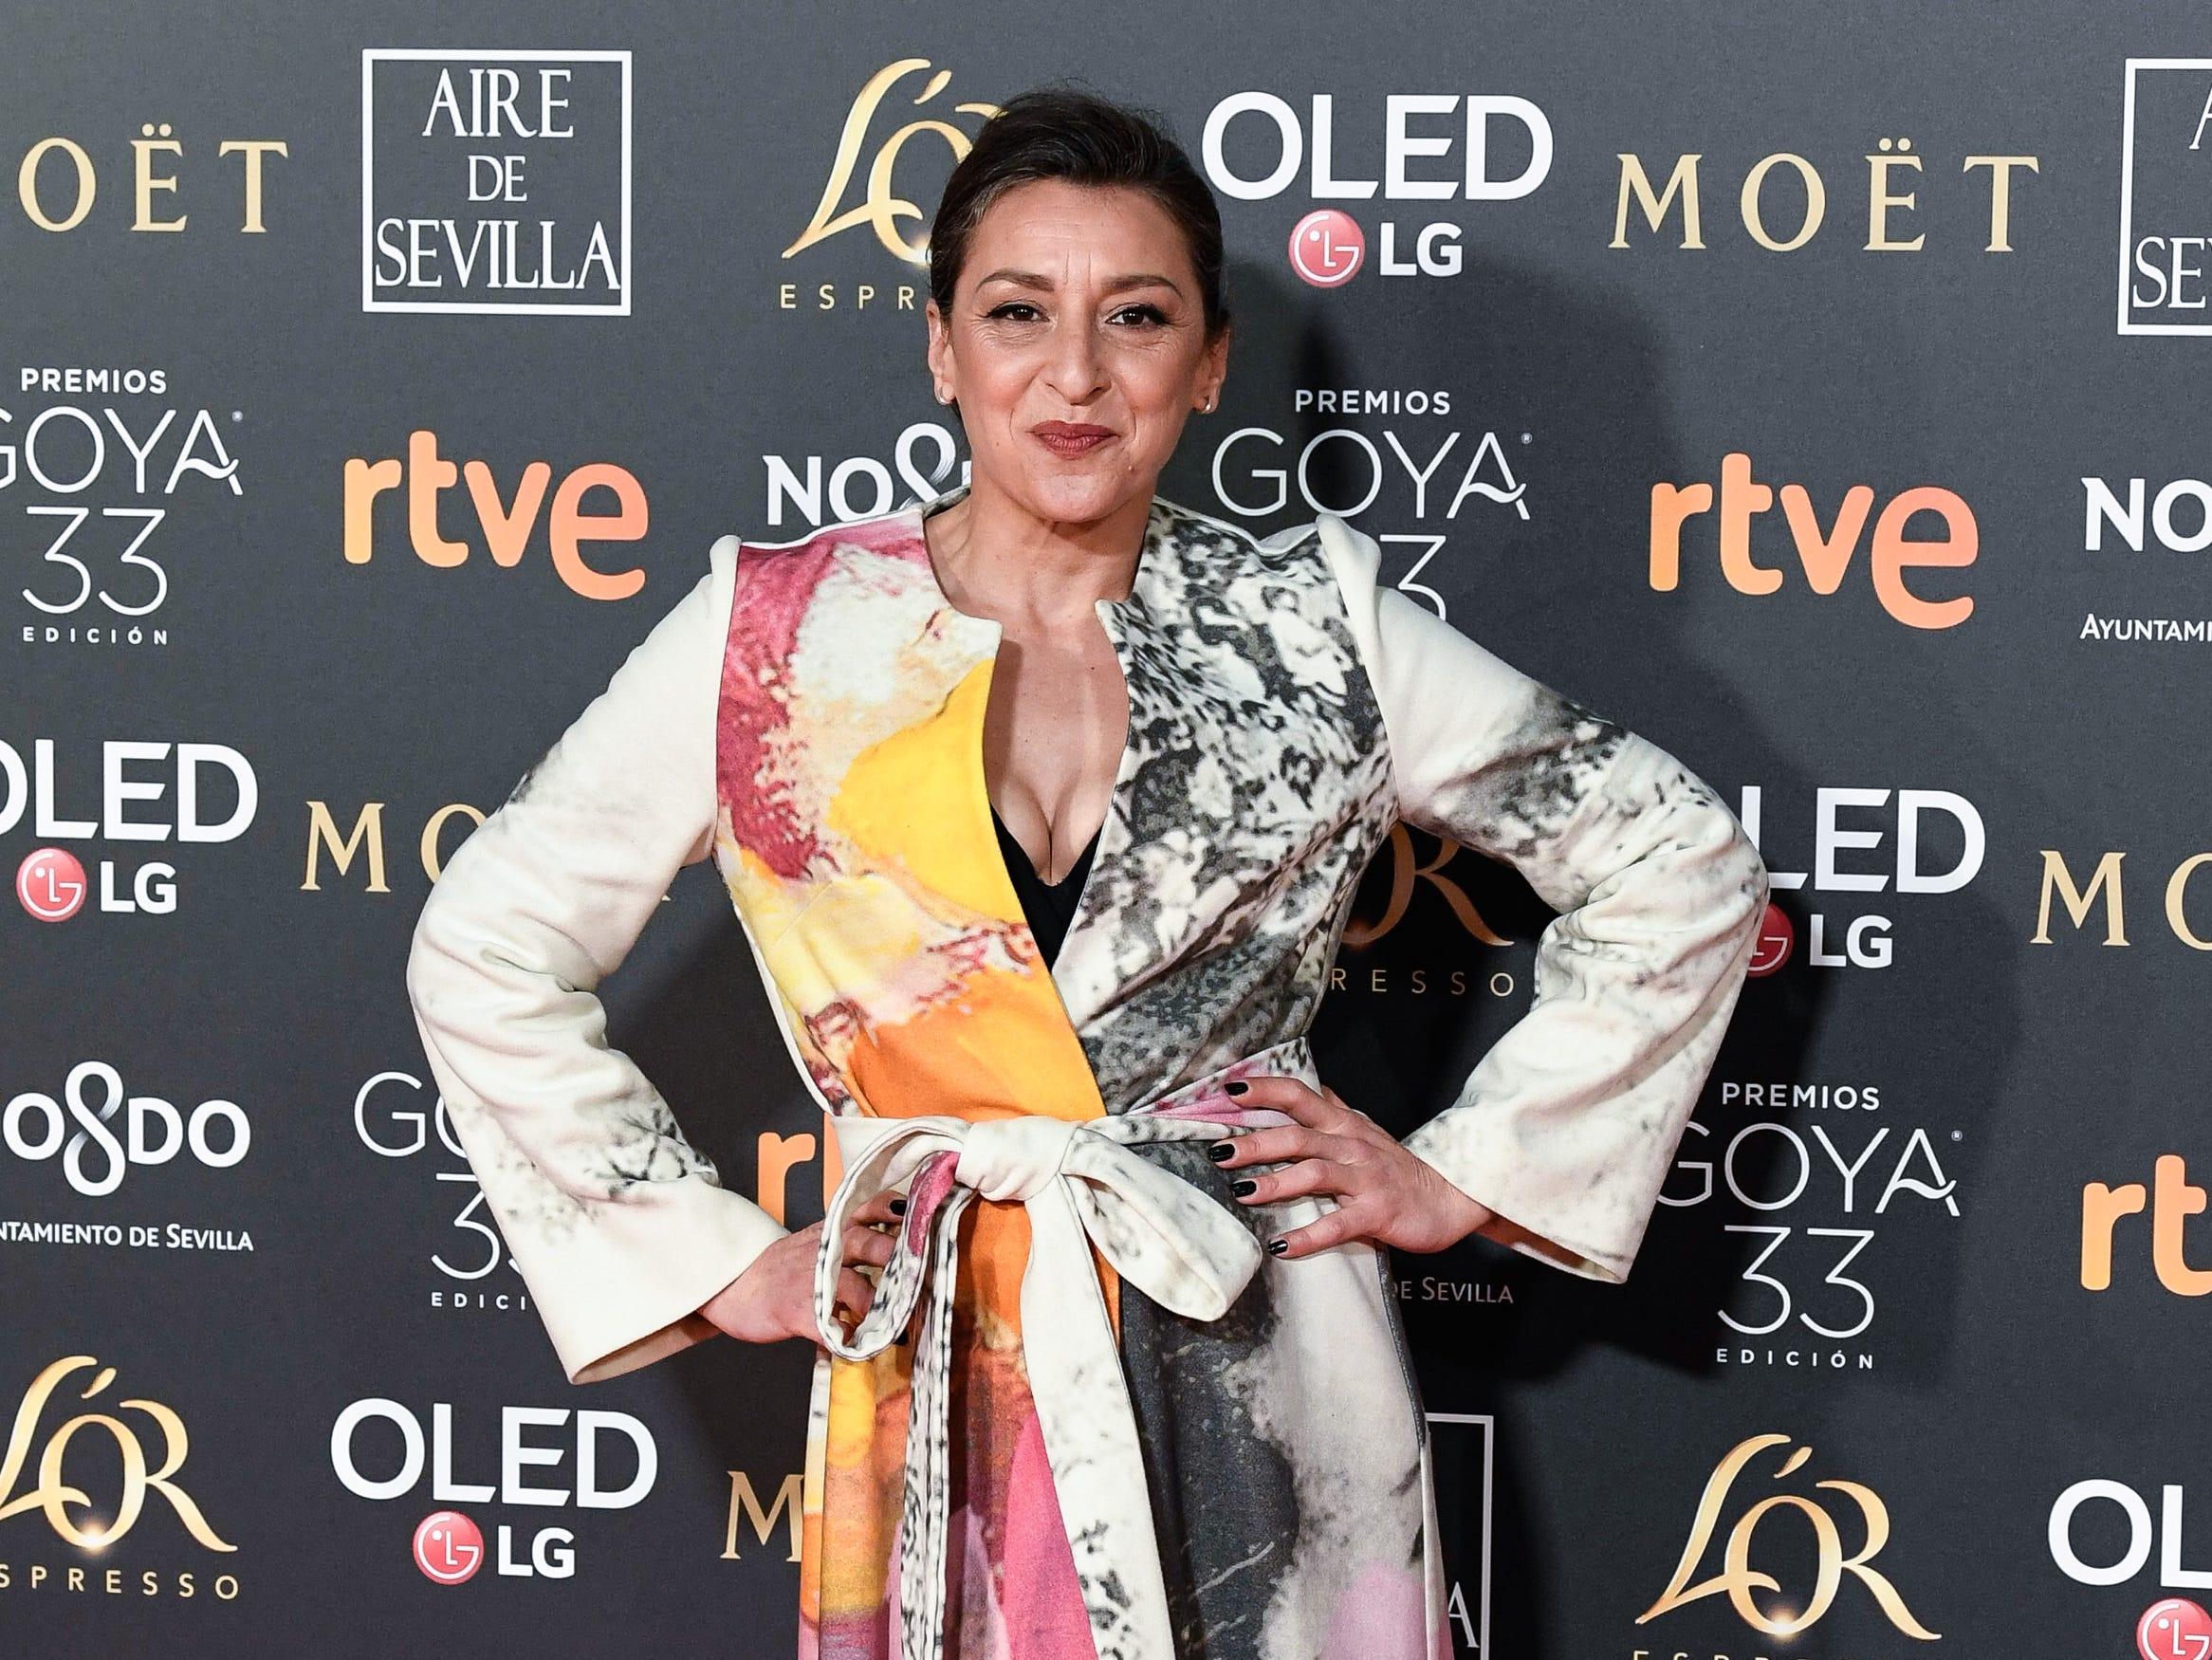 Mariola Fuentes asiste a la 33ª edición de los Premios de Cine Goya en el Palacio de Congresos y Exposiciones FIBES el 2 de febrero de 2019 en Sevilla, España.